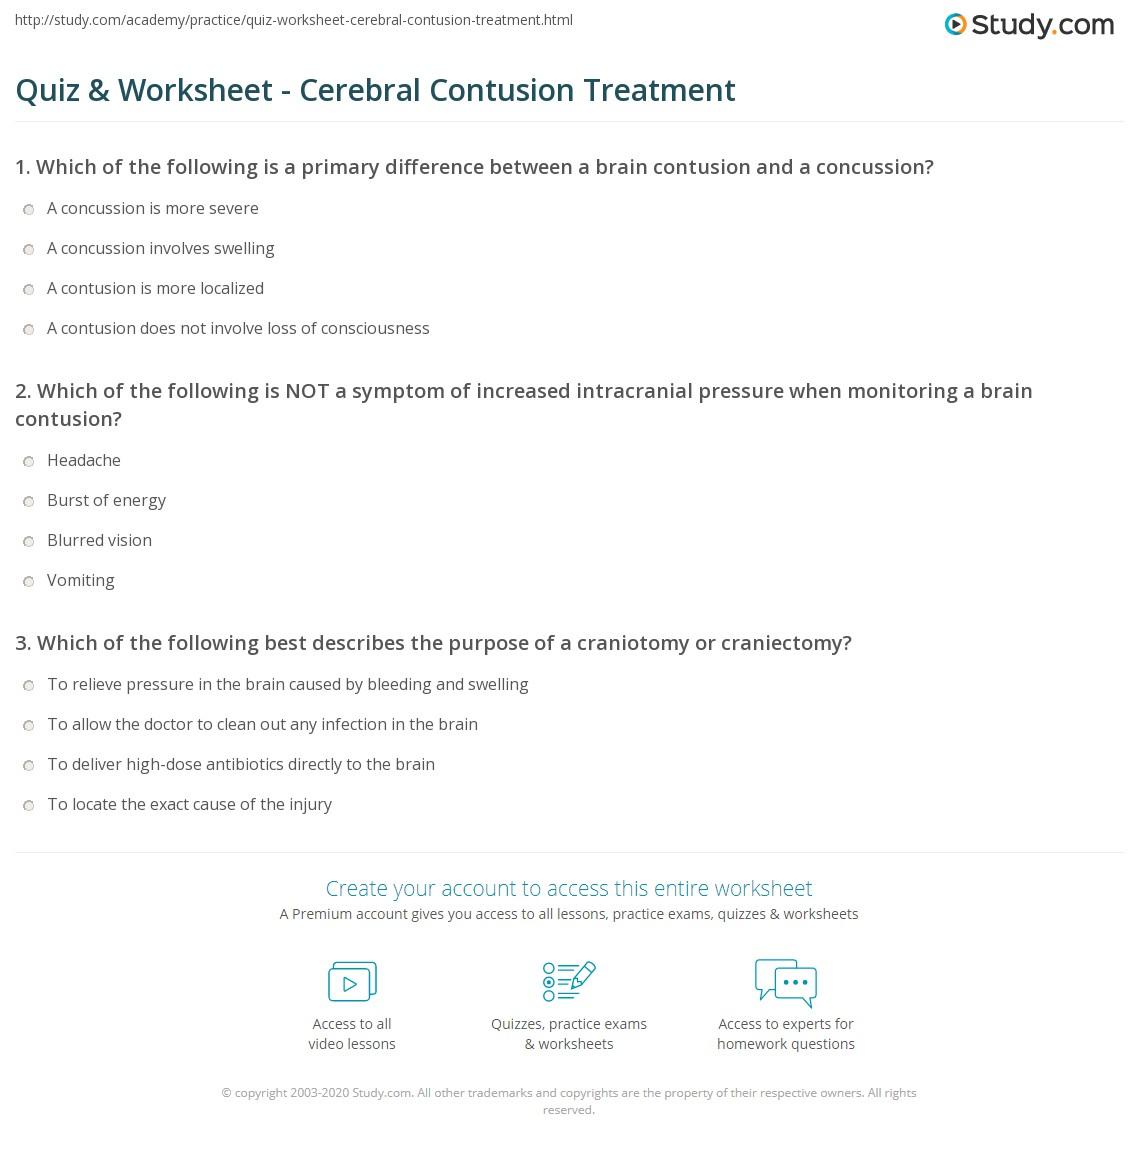 Quiz & Worksheet - Cerebral Contusion Treatment | Study com